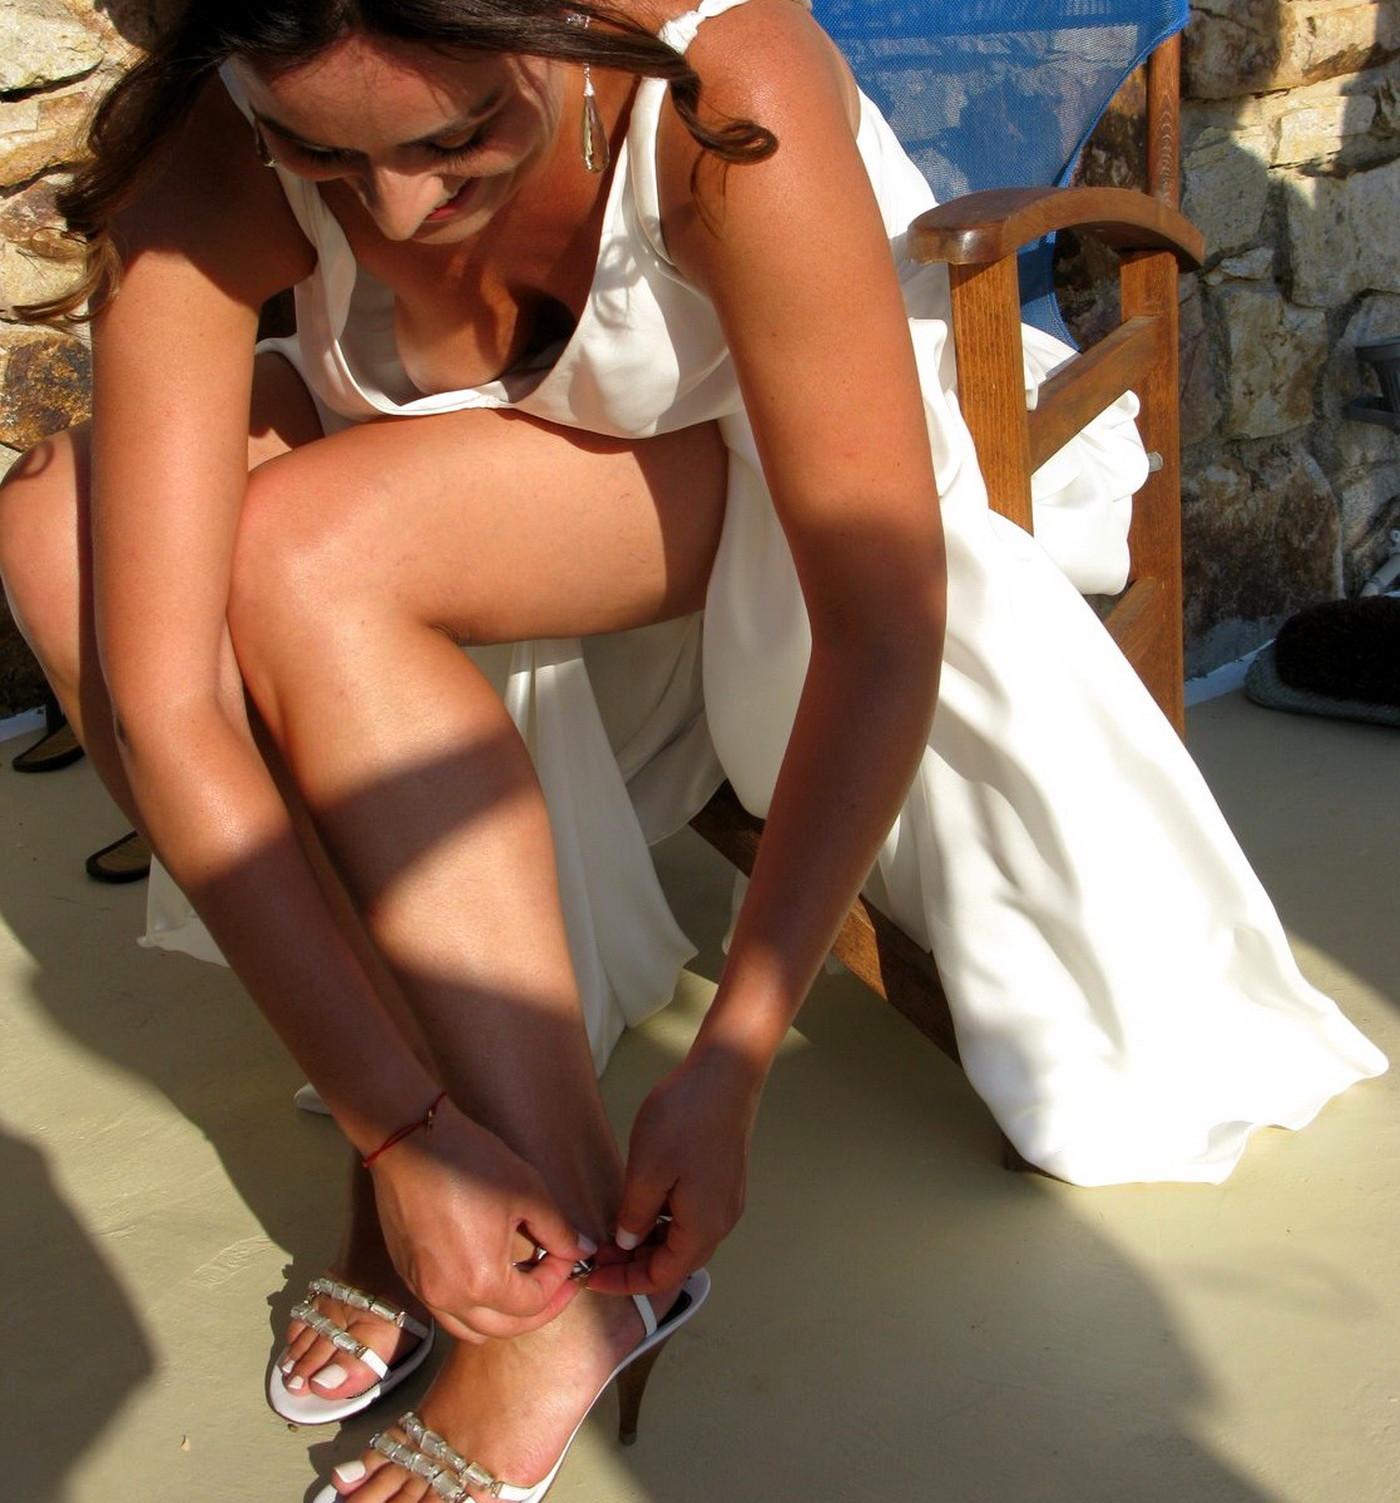 結婚式でおっぱい(乳首)が見れる確率80パーセントwwwwwwwwwwwwwwww・6枚目